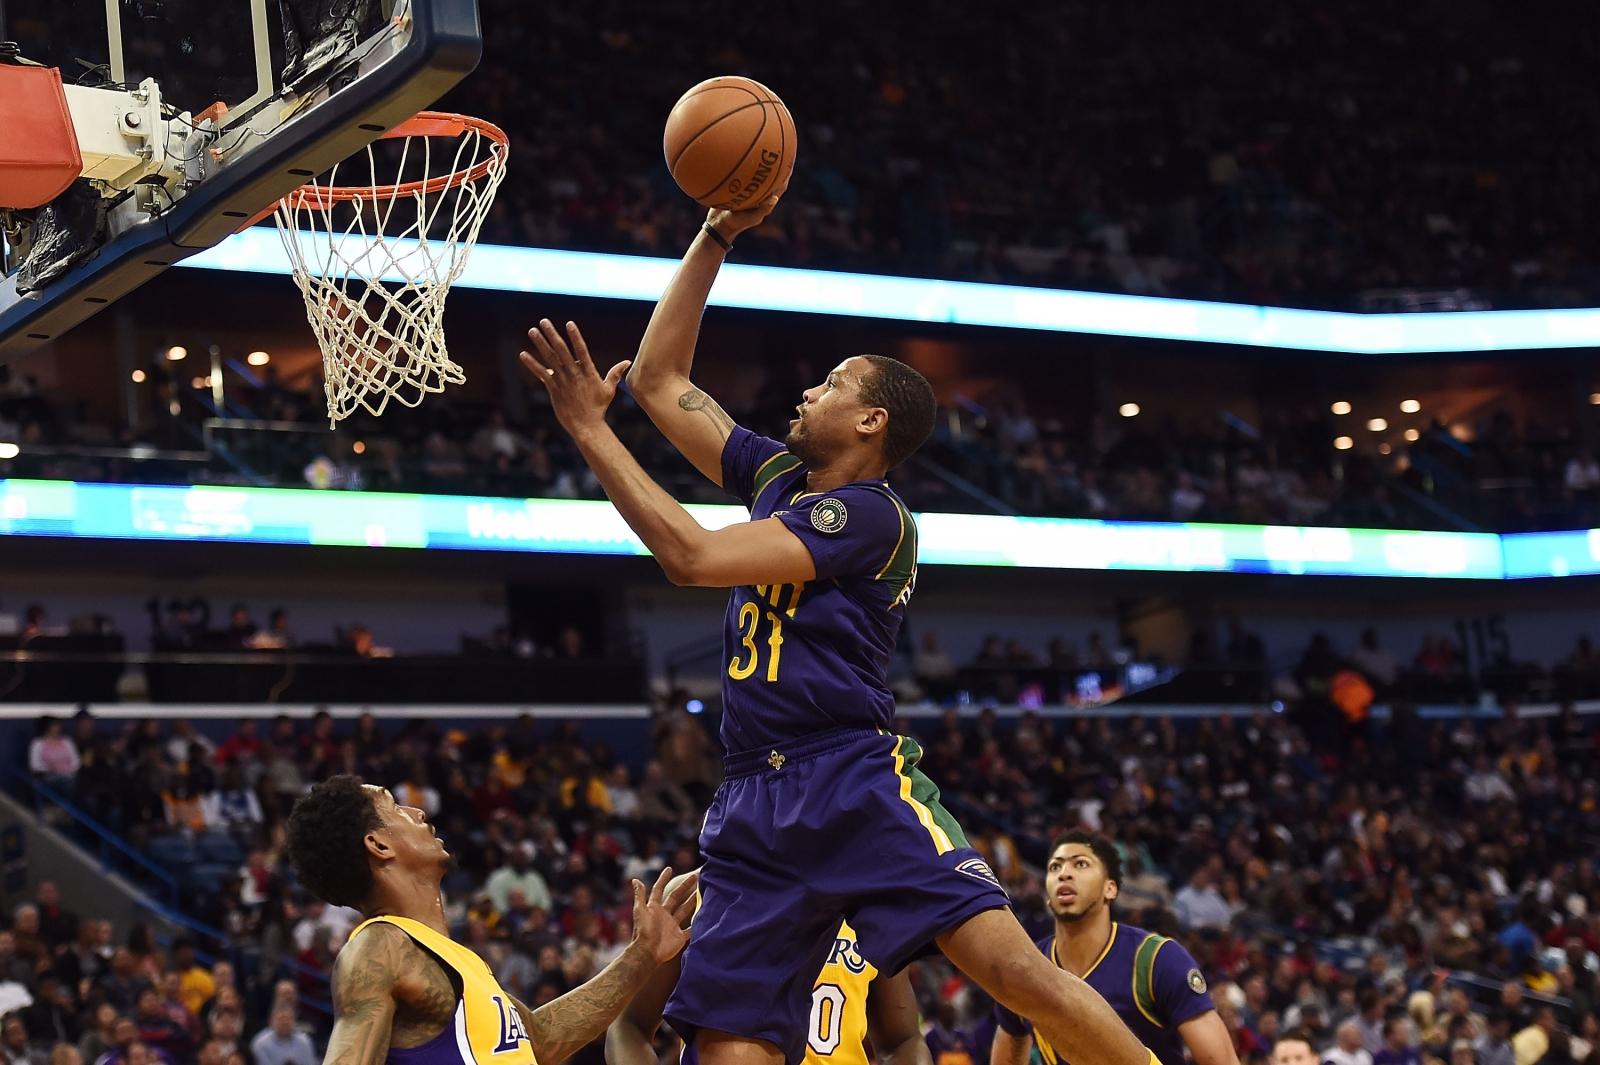 Bryce Dejean-Jones New Orleans Pelicans